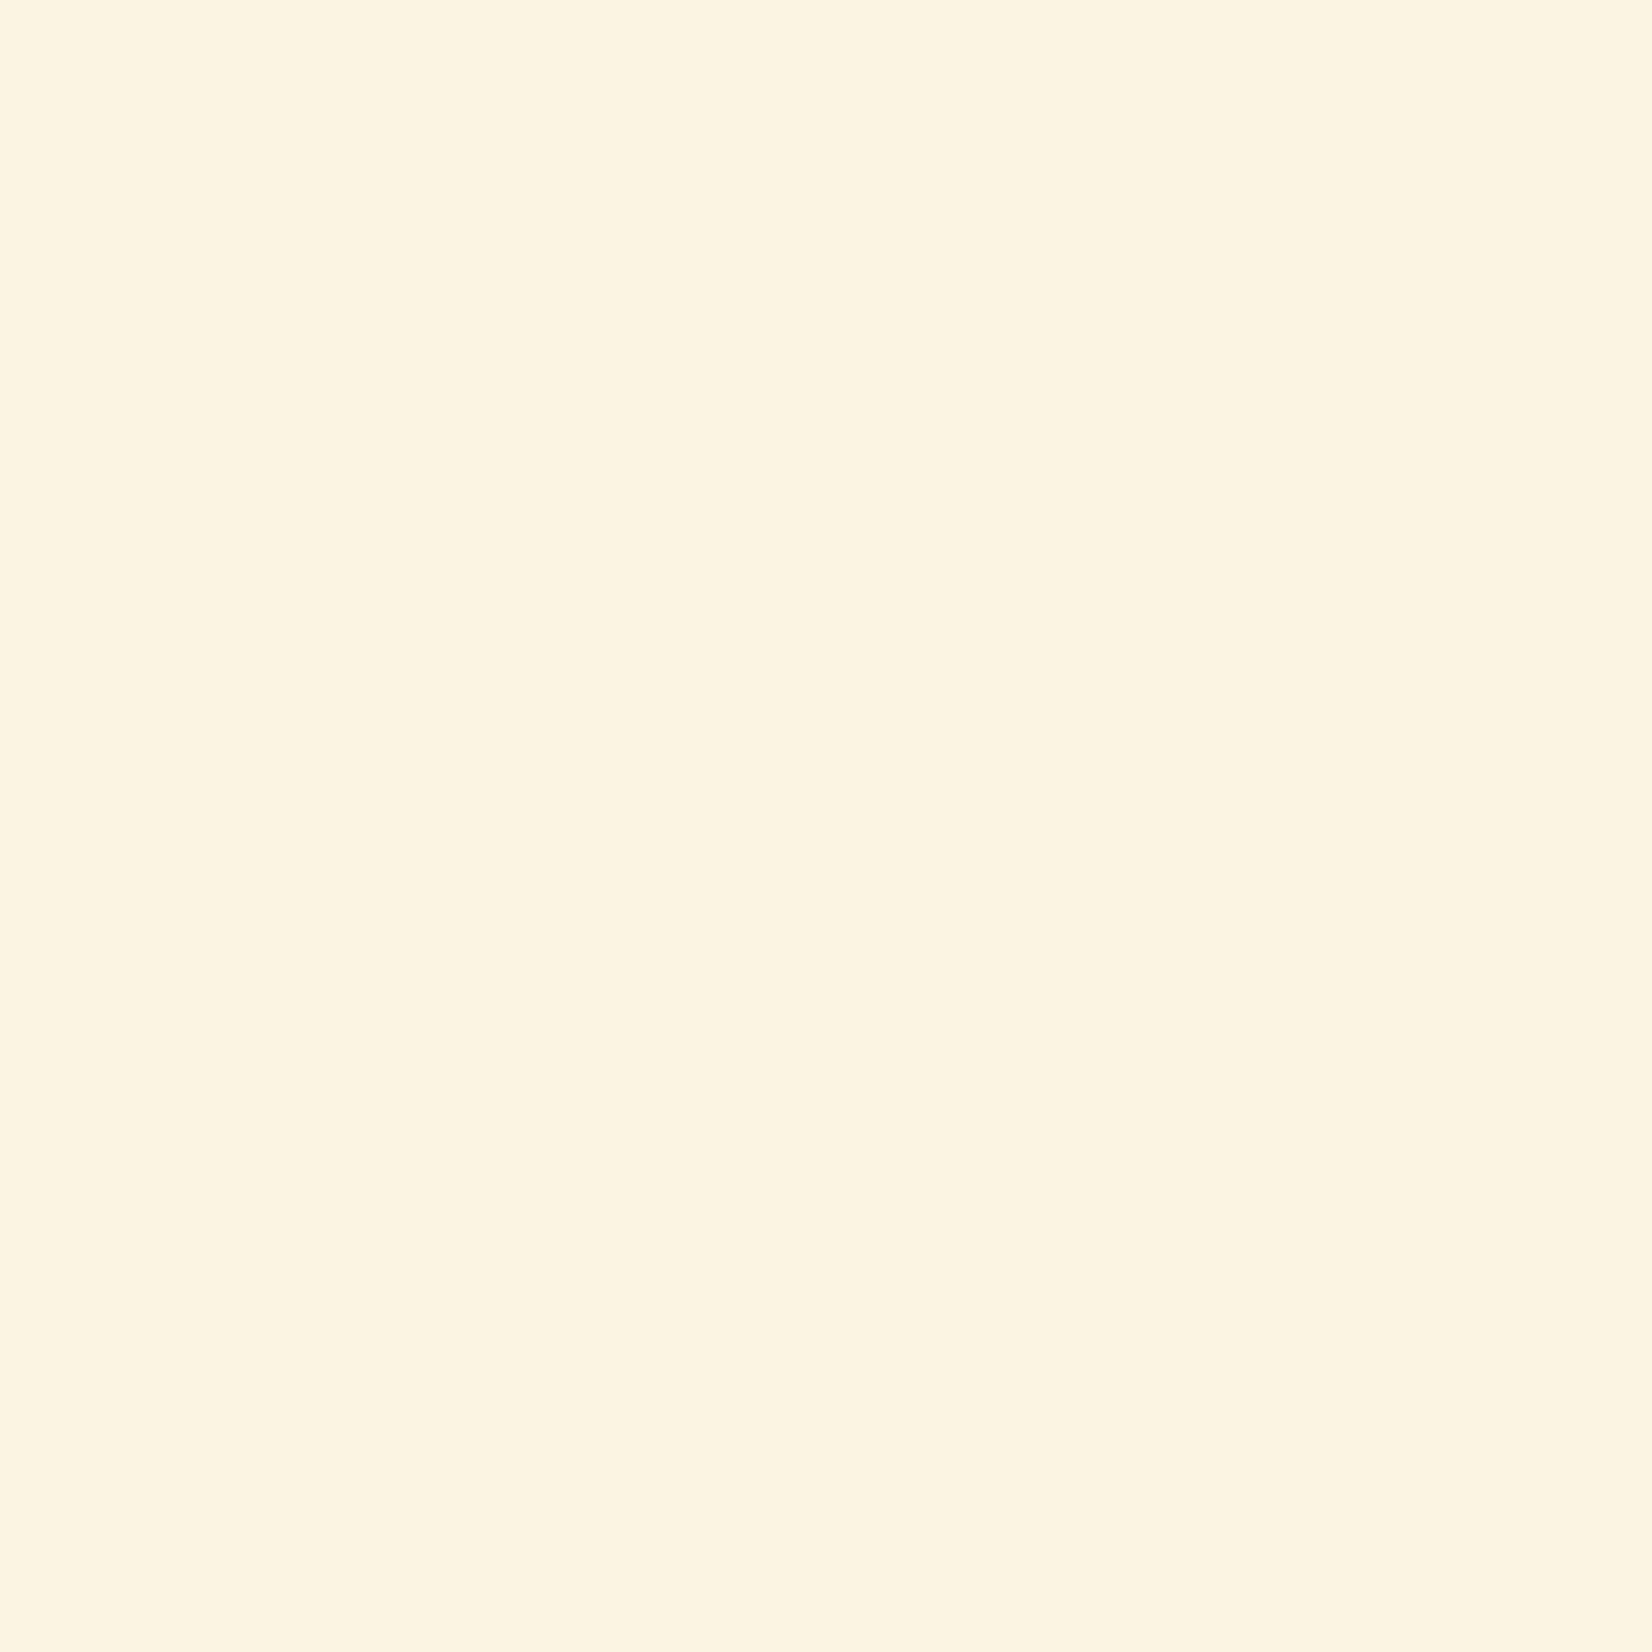 Andover CENTURY SOLIDS - CREAM -  PER CM OR $14/M